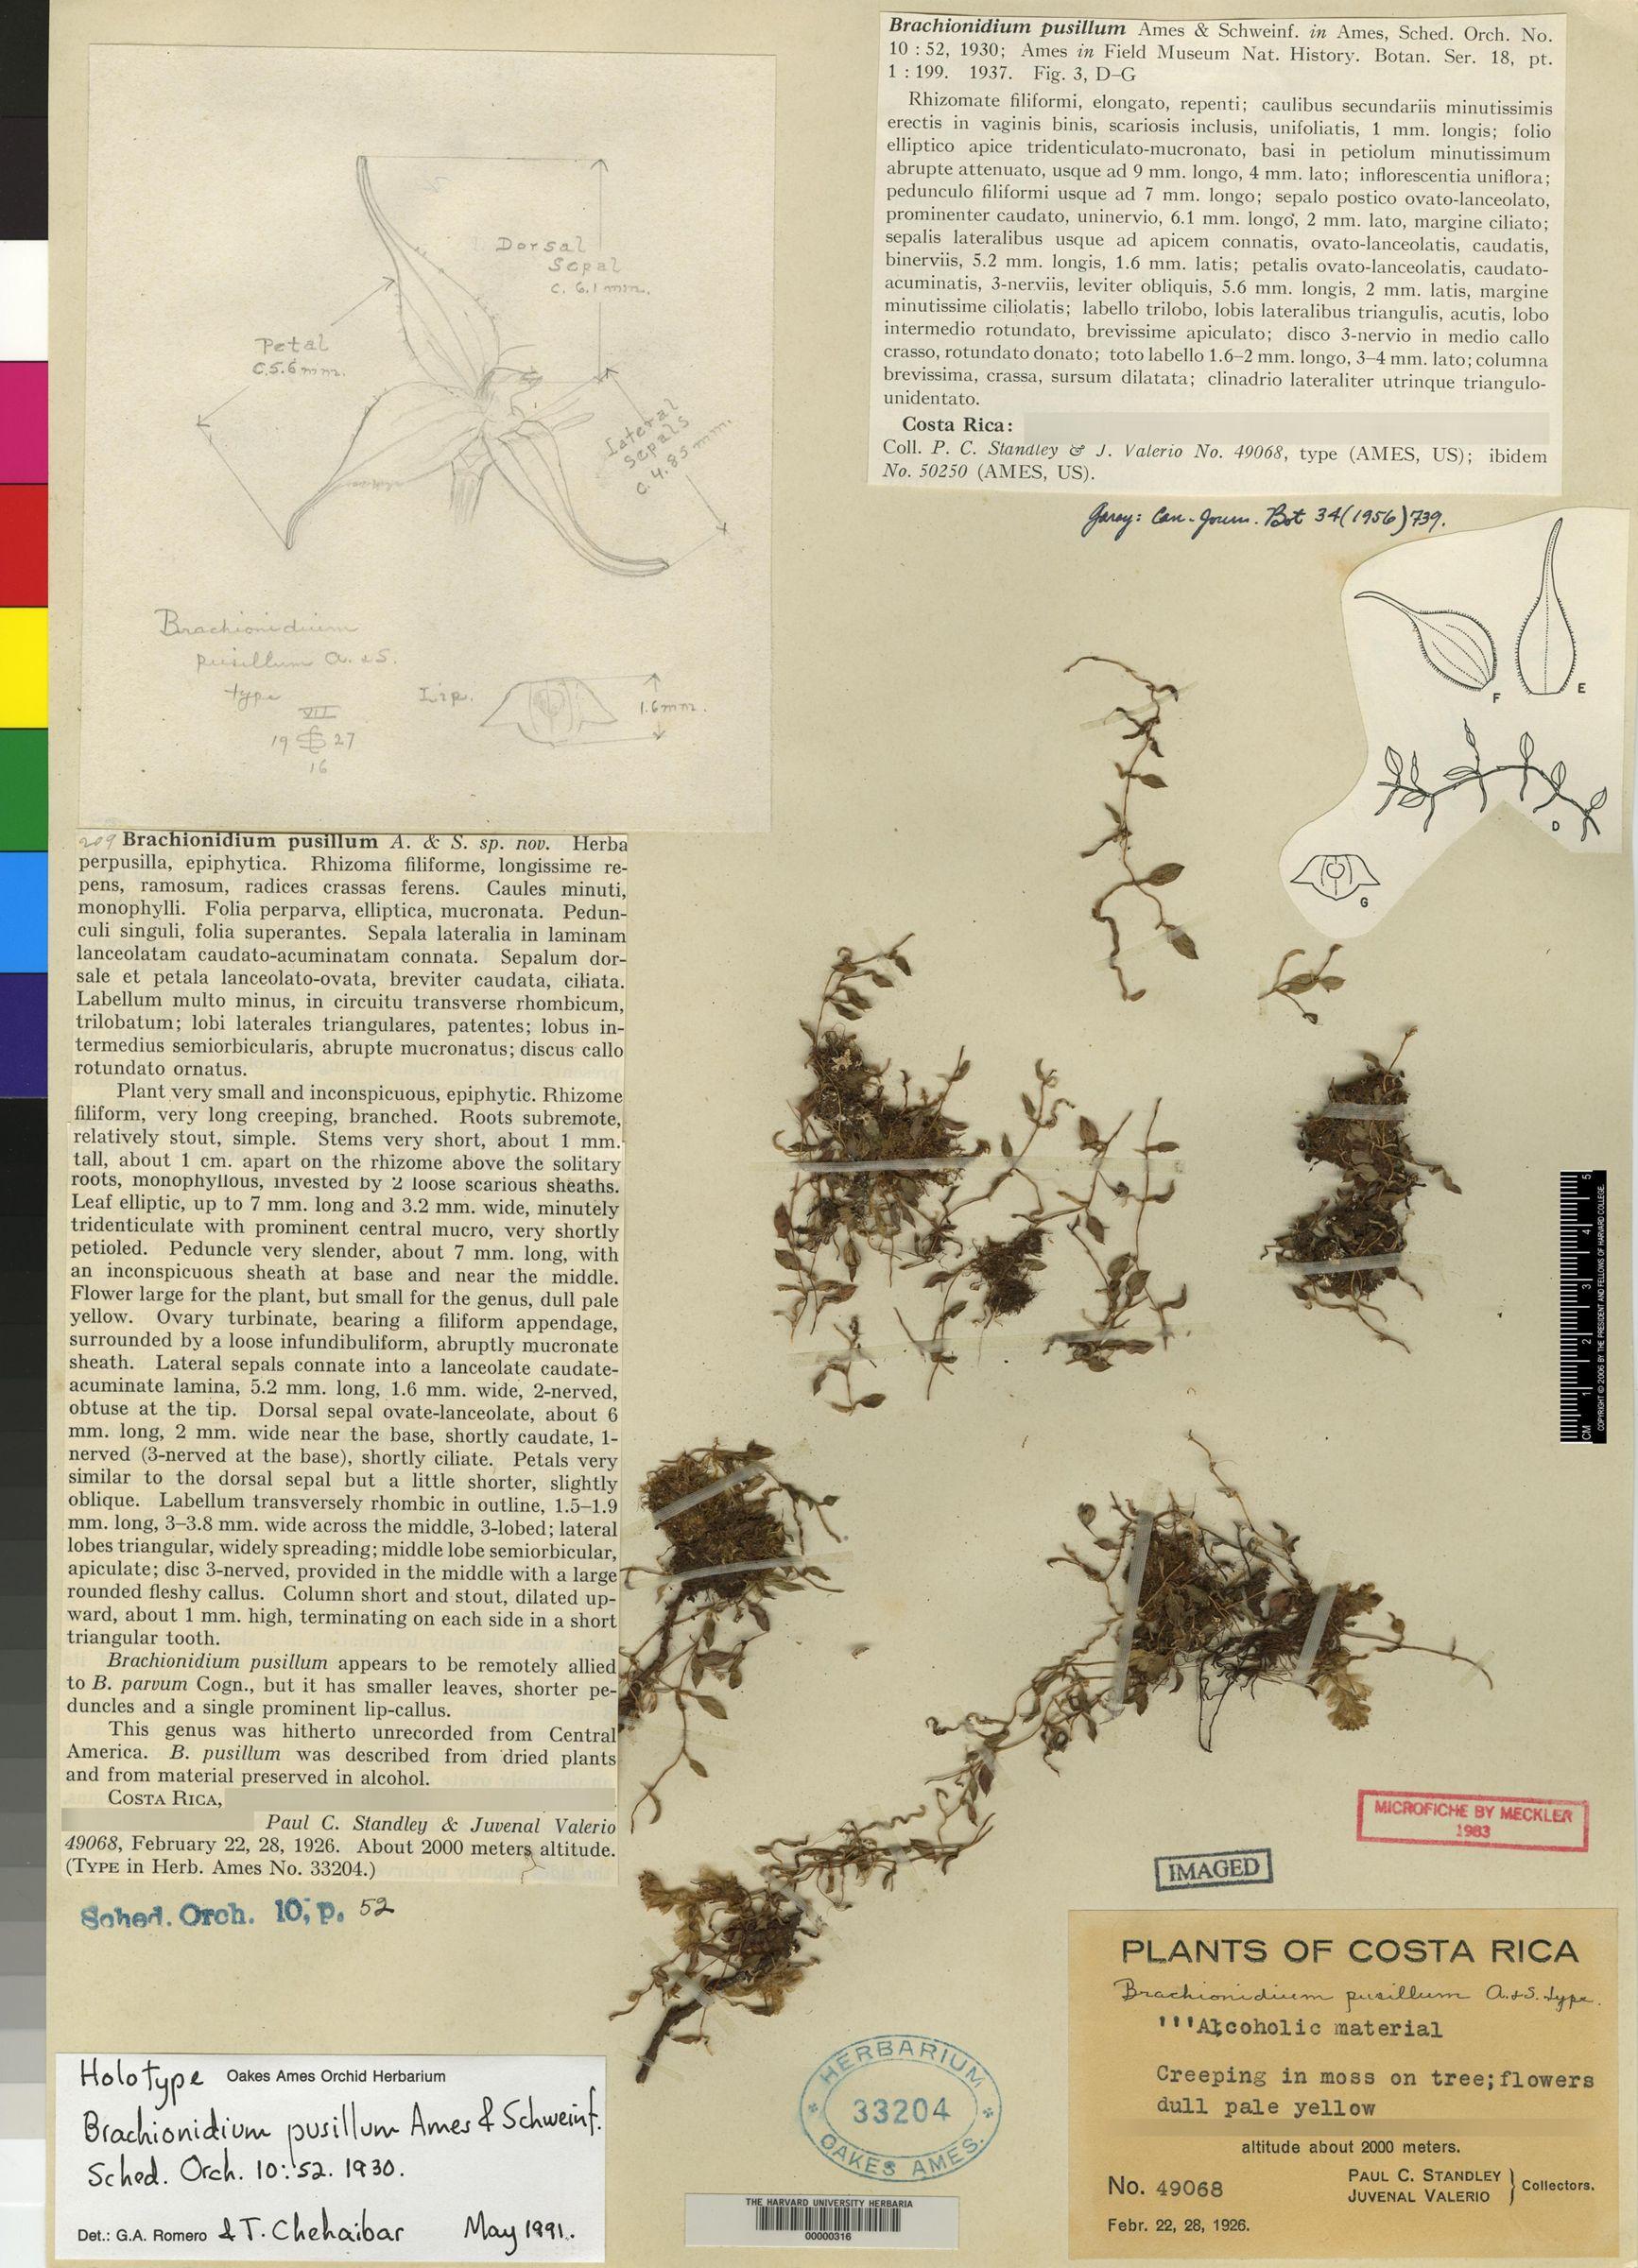 Brachionidium pusillum image